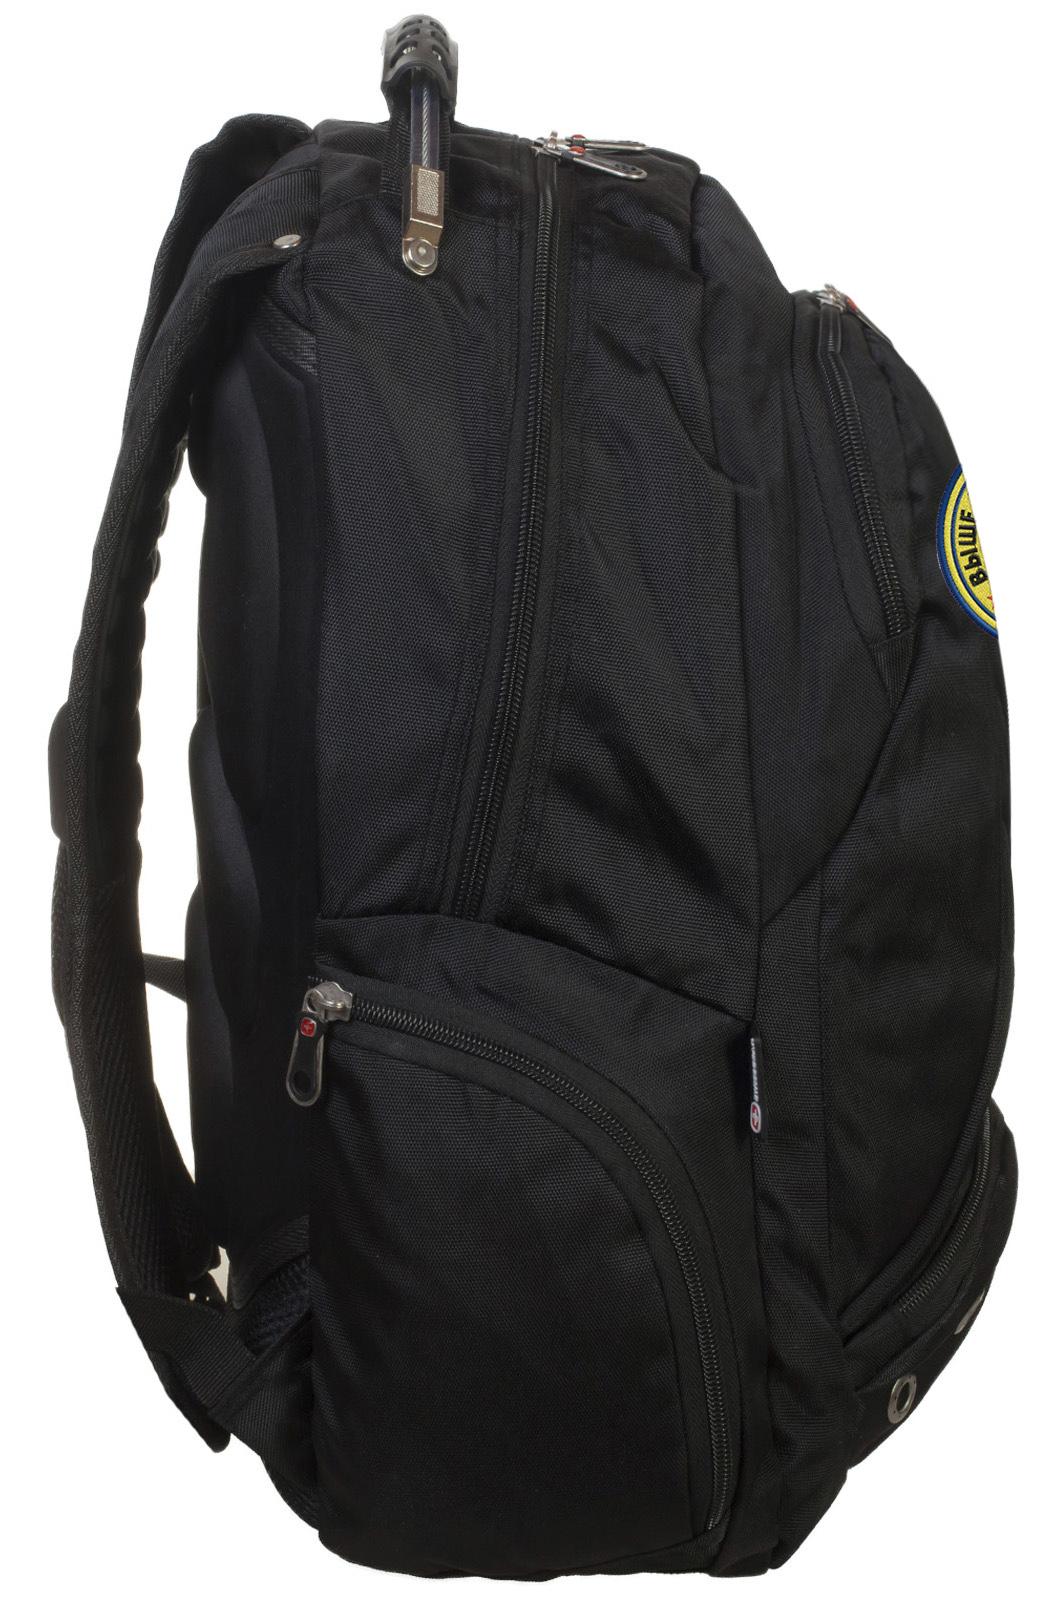 Оригинальный городской рюкзак с нашивкой Спецназ ГРУ купить в подарок